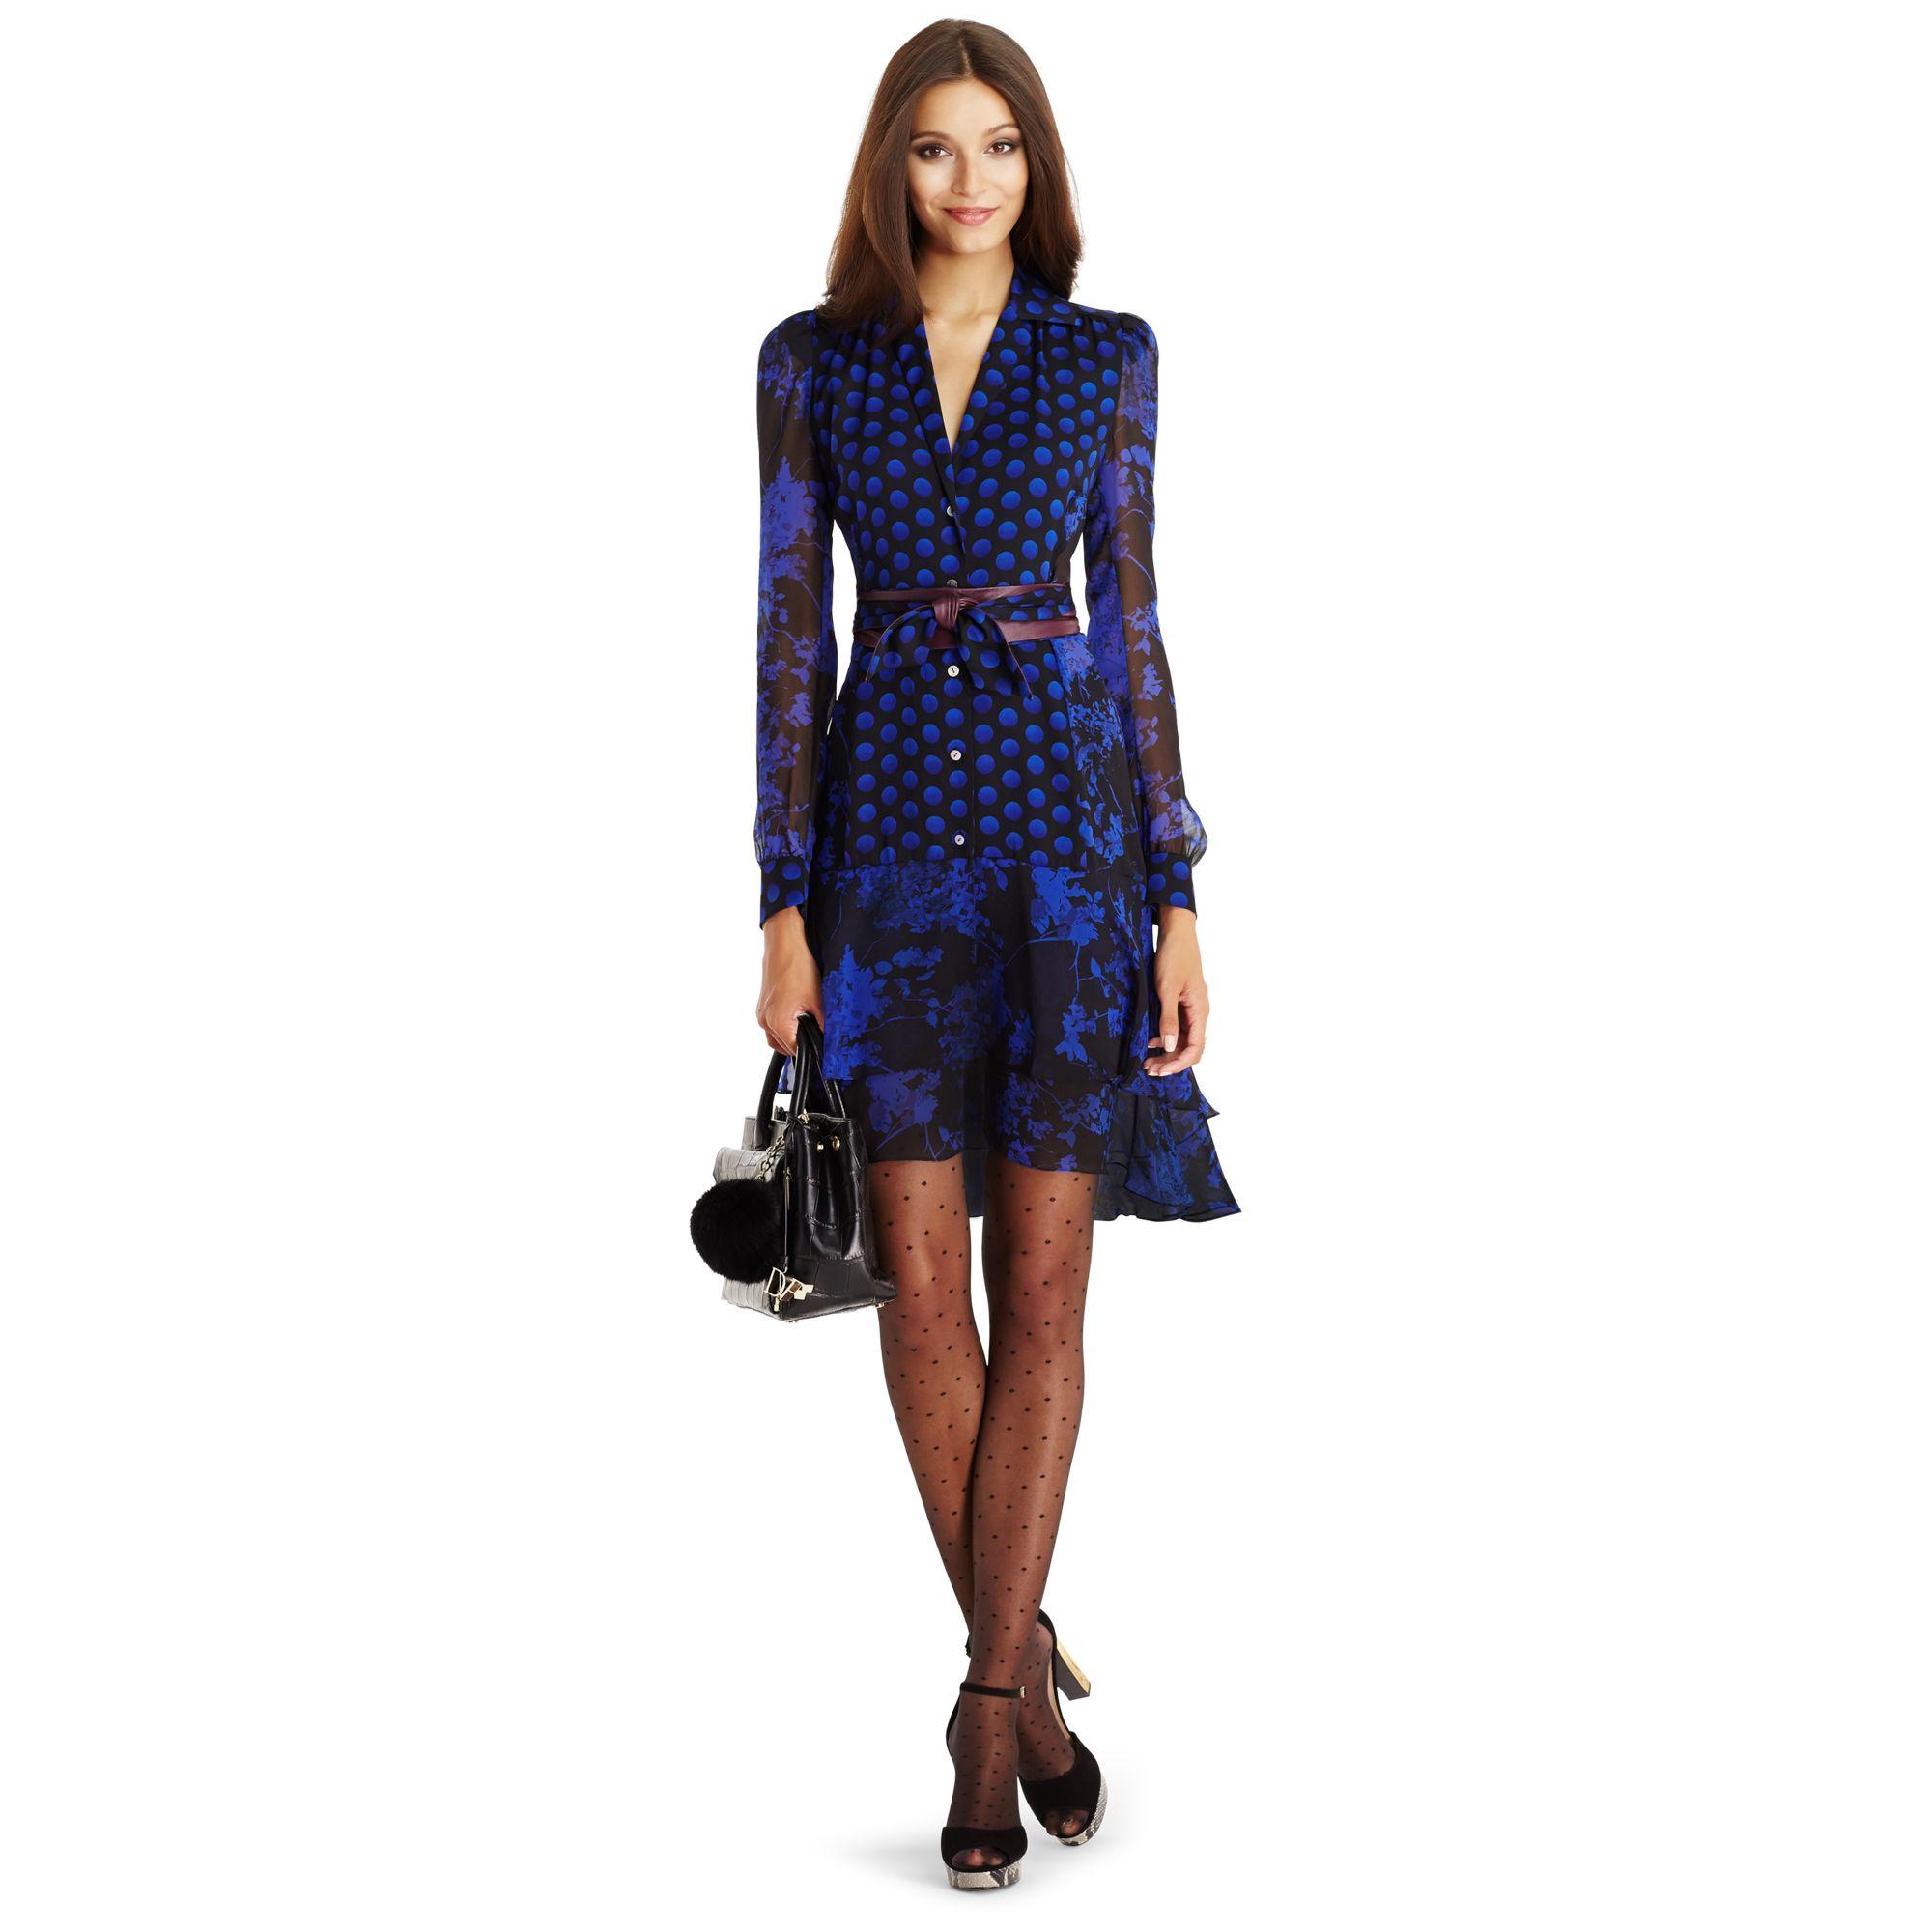 36b8d65fabe565 Lyst - Diane von Furstenberg Dvf Catherine Chiffon Shirt Dress in Blue